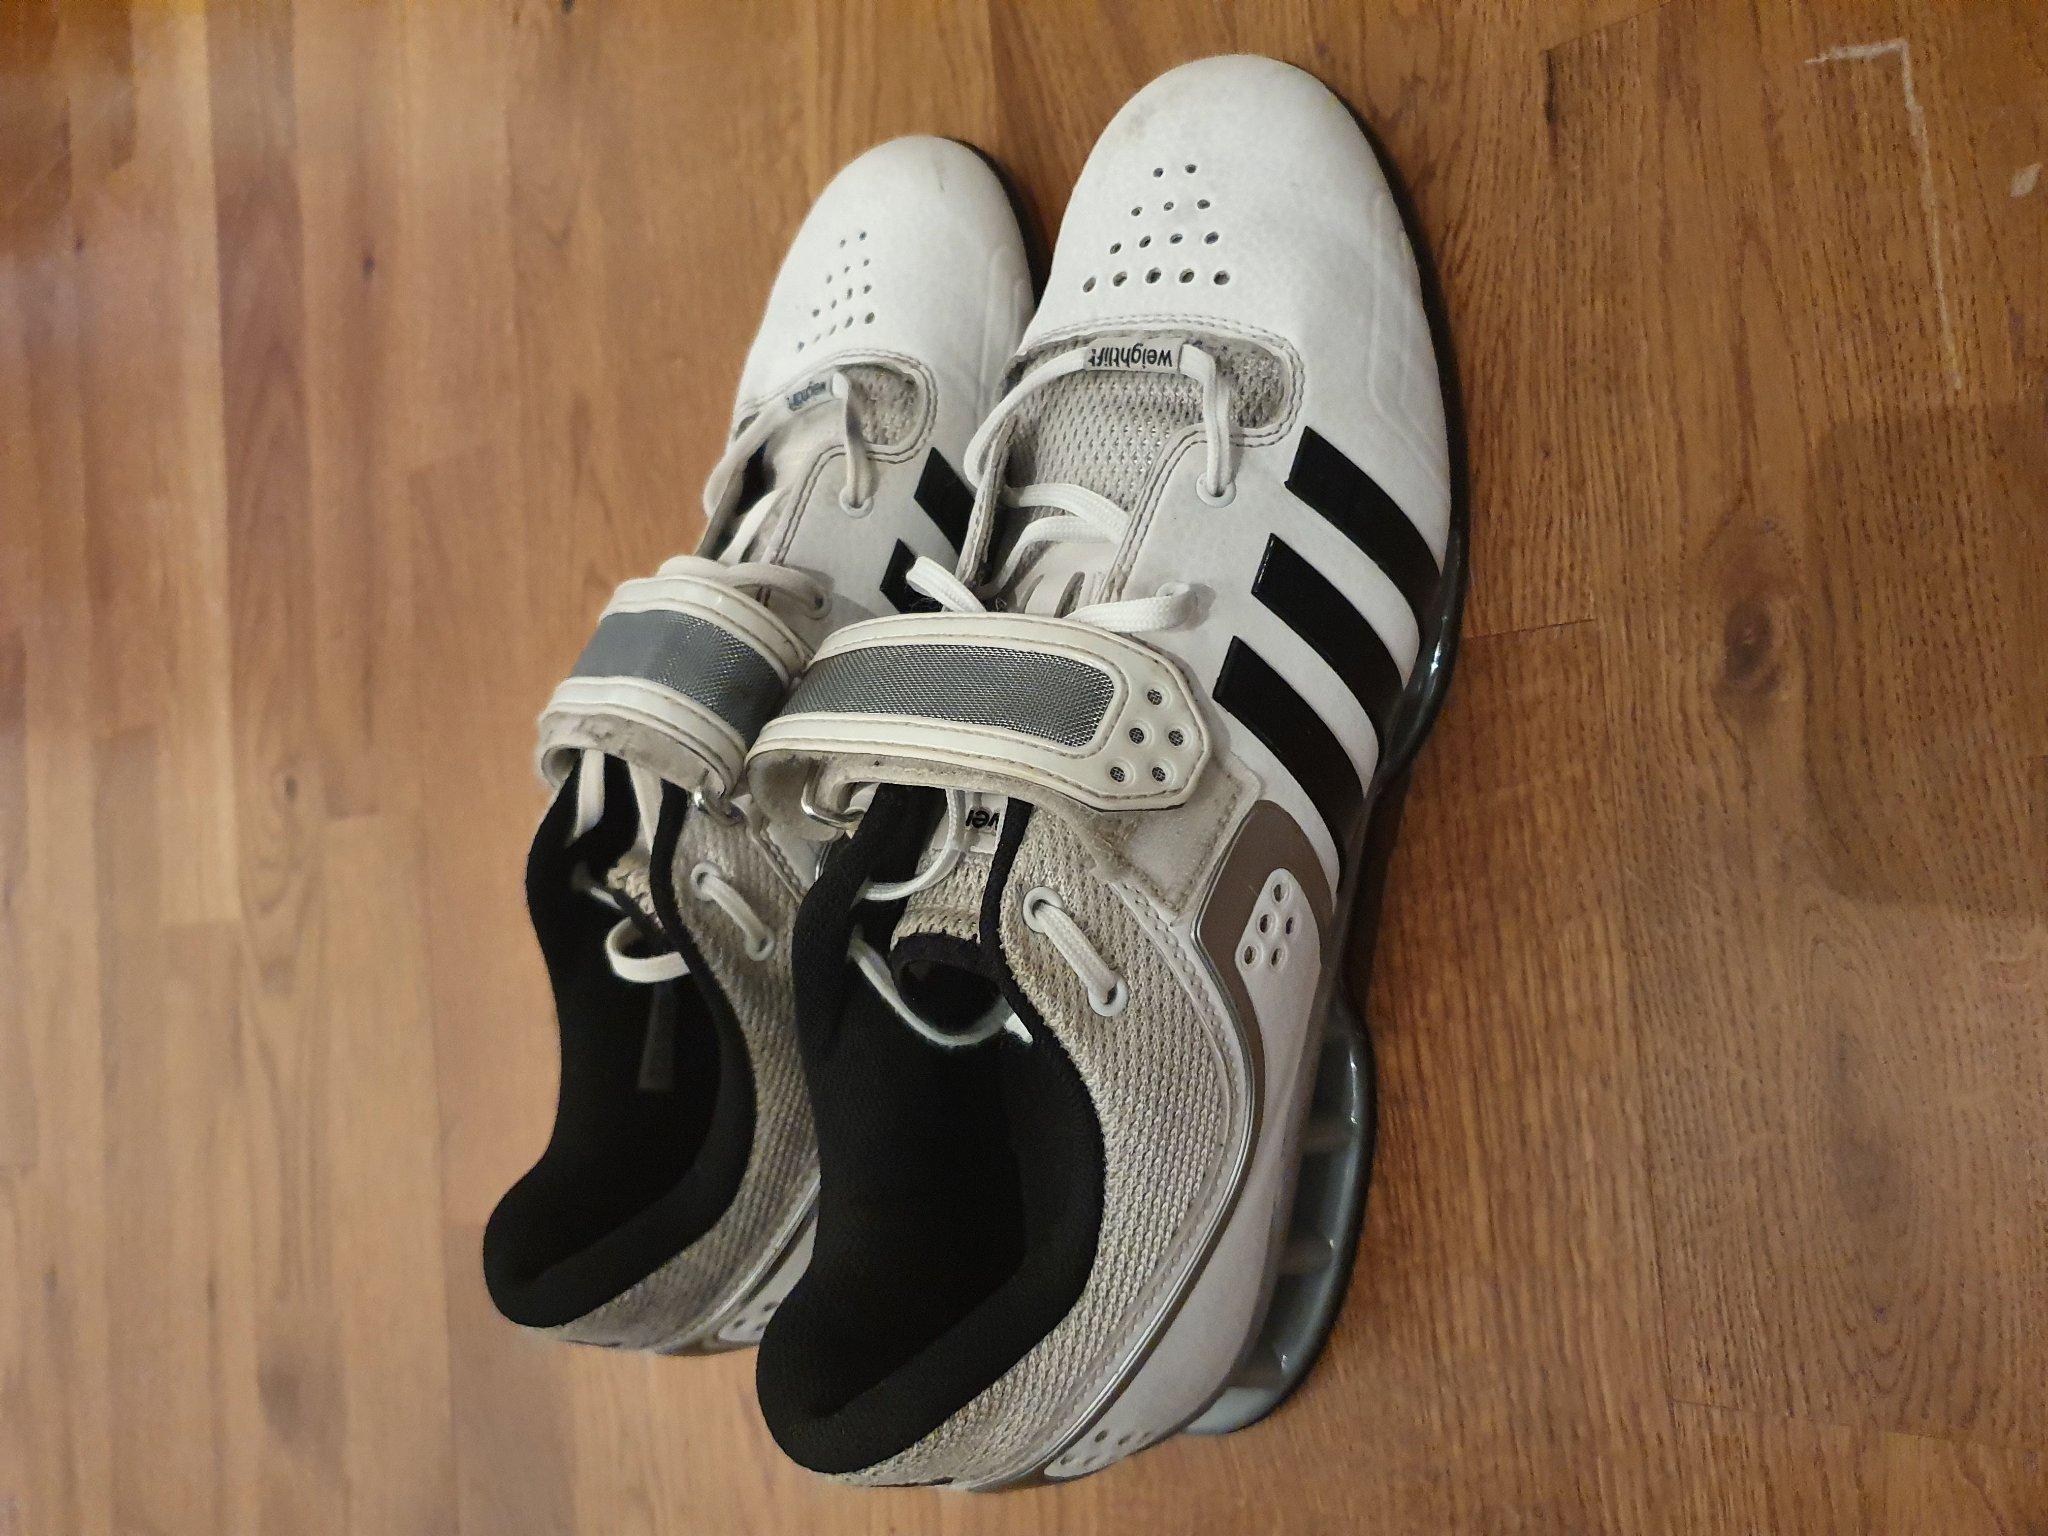 Adidas adipower lyftar skor44 (353687824) ᐈ Köp på Tradera